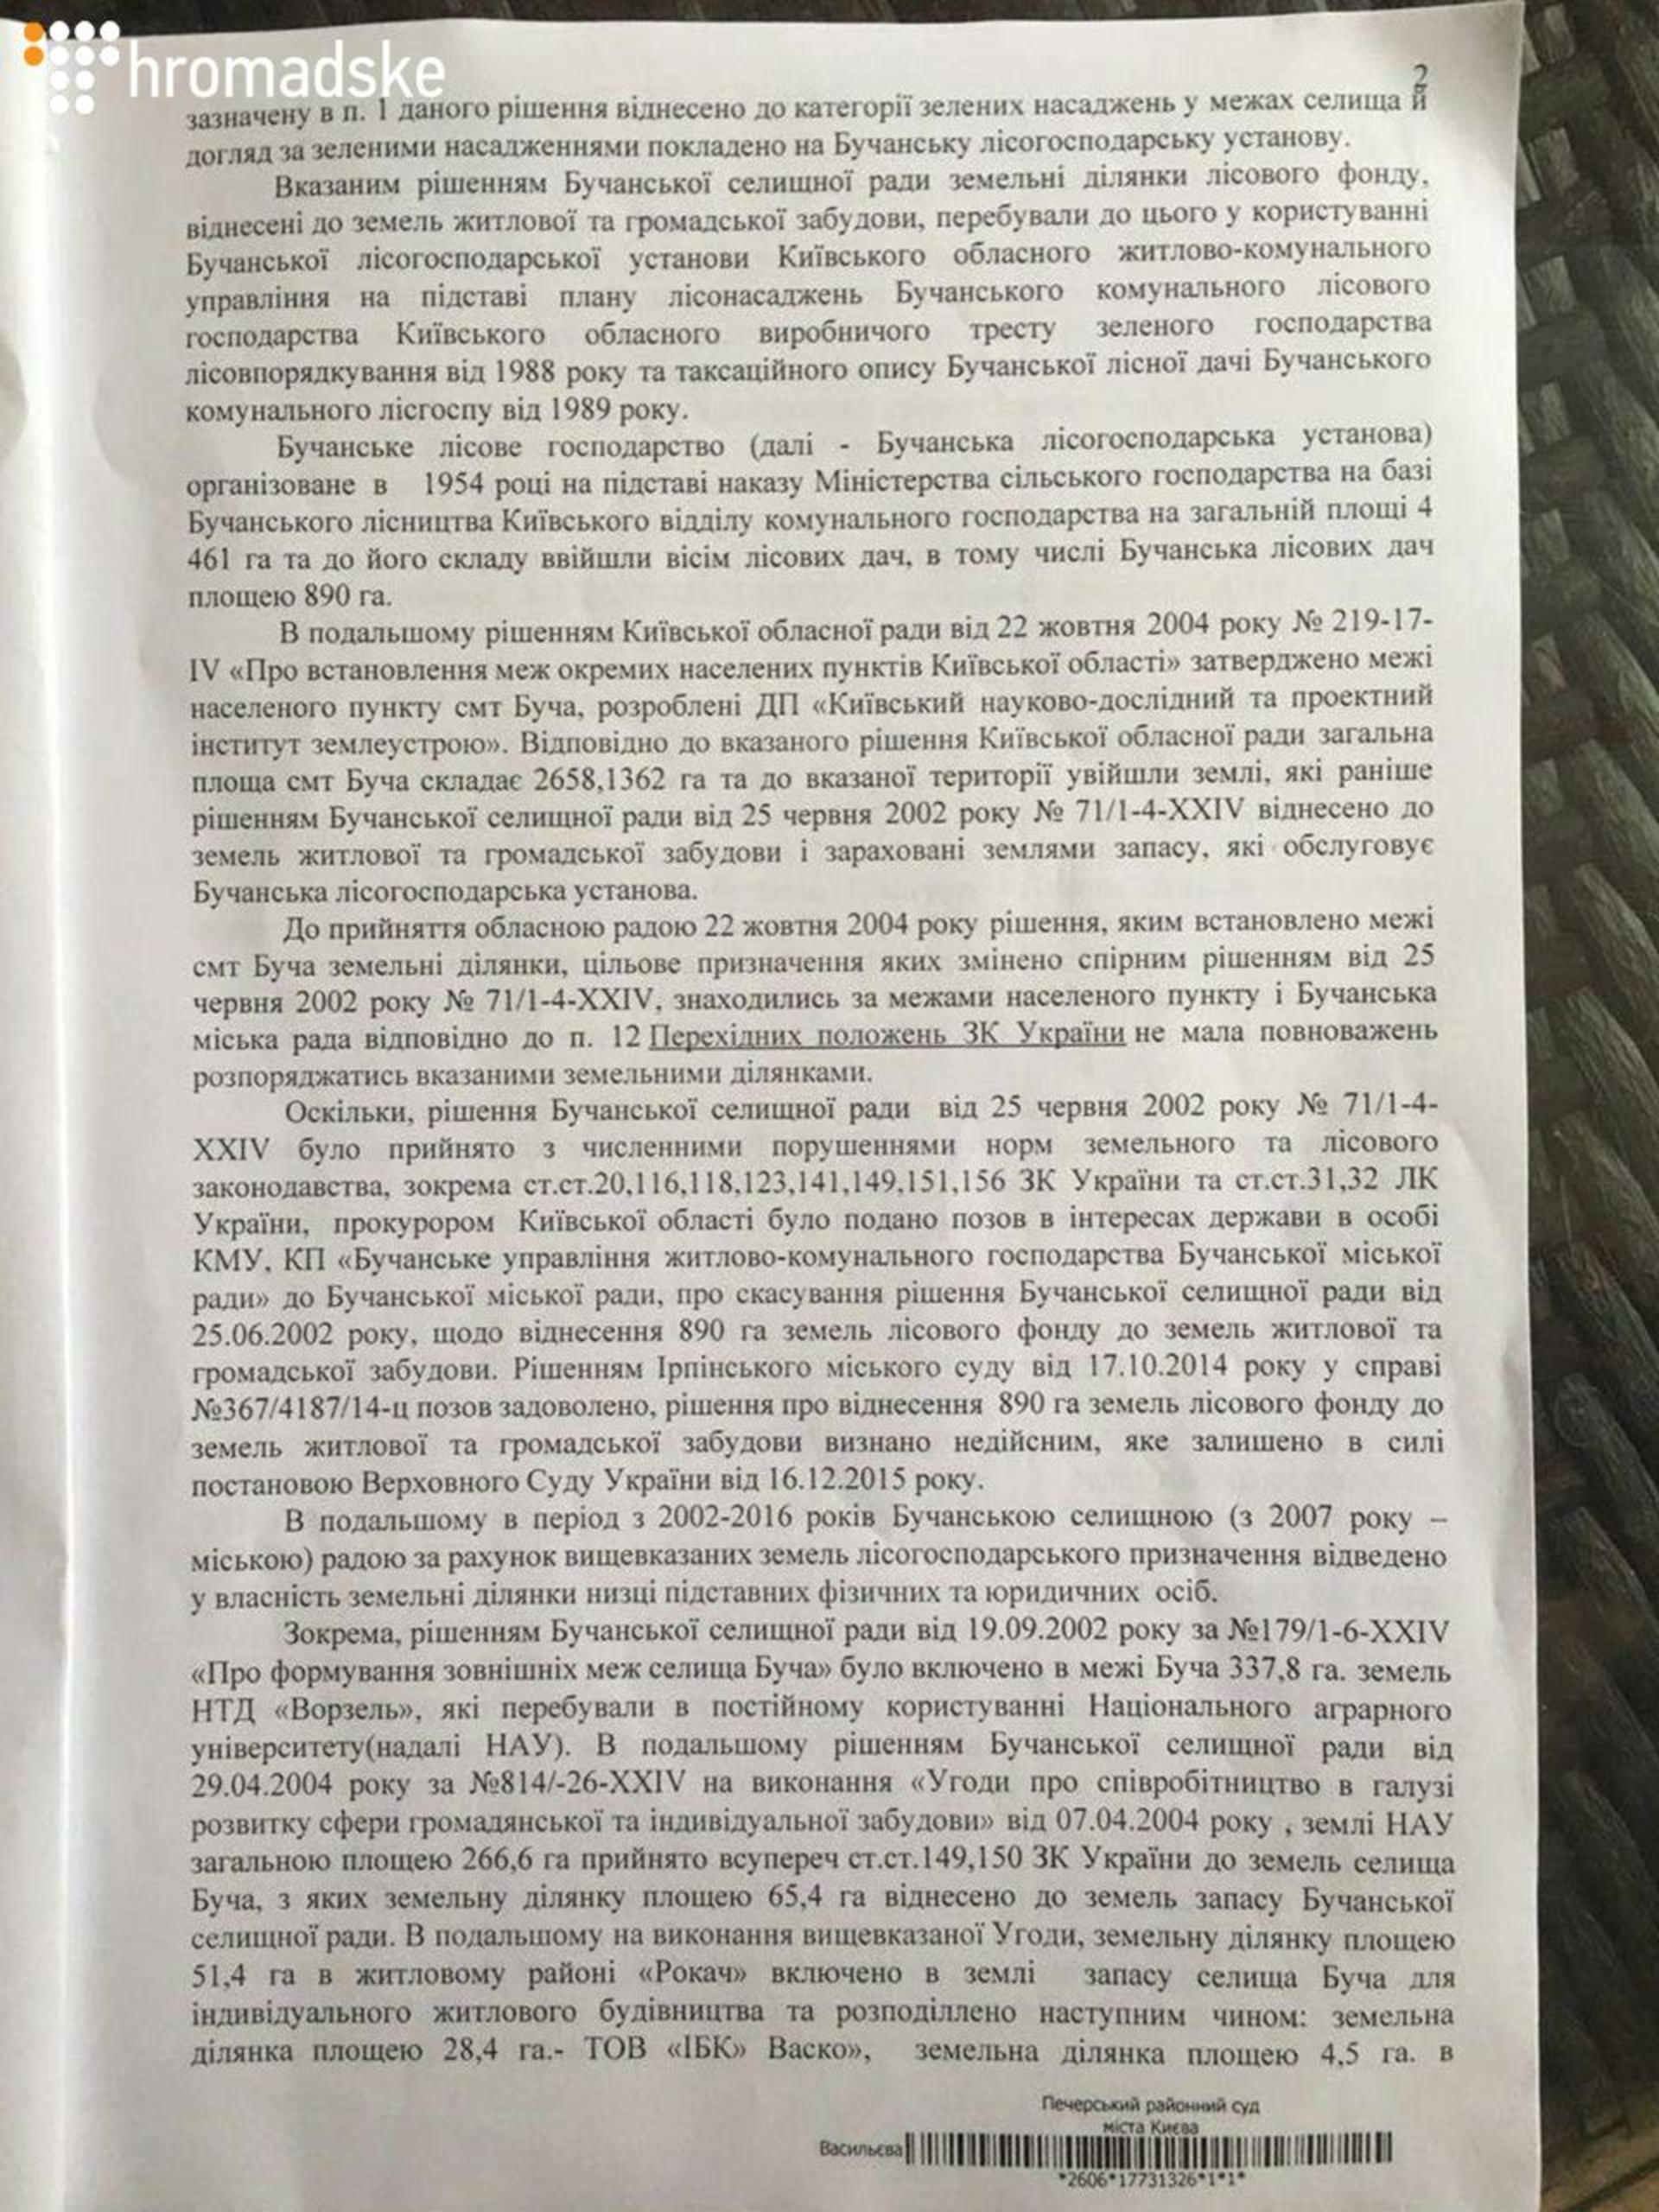 Мер Ірпеня заявляє, що жодних кримінальних справ щодо нього не розслідується  - фото 4